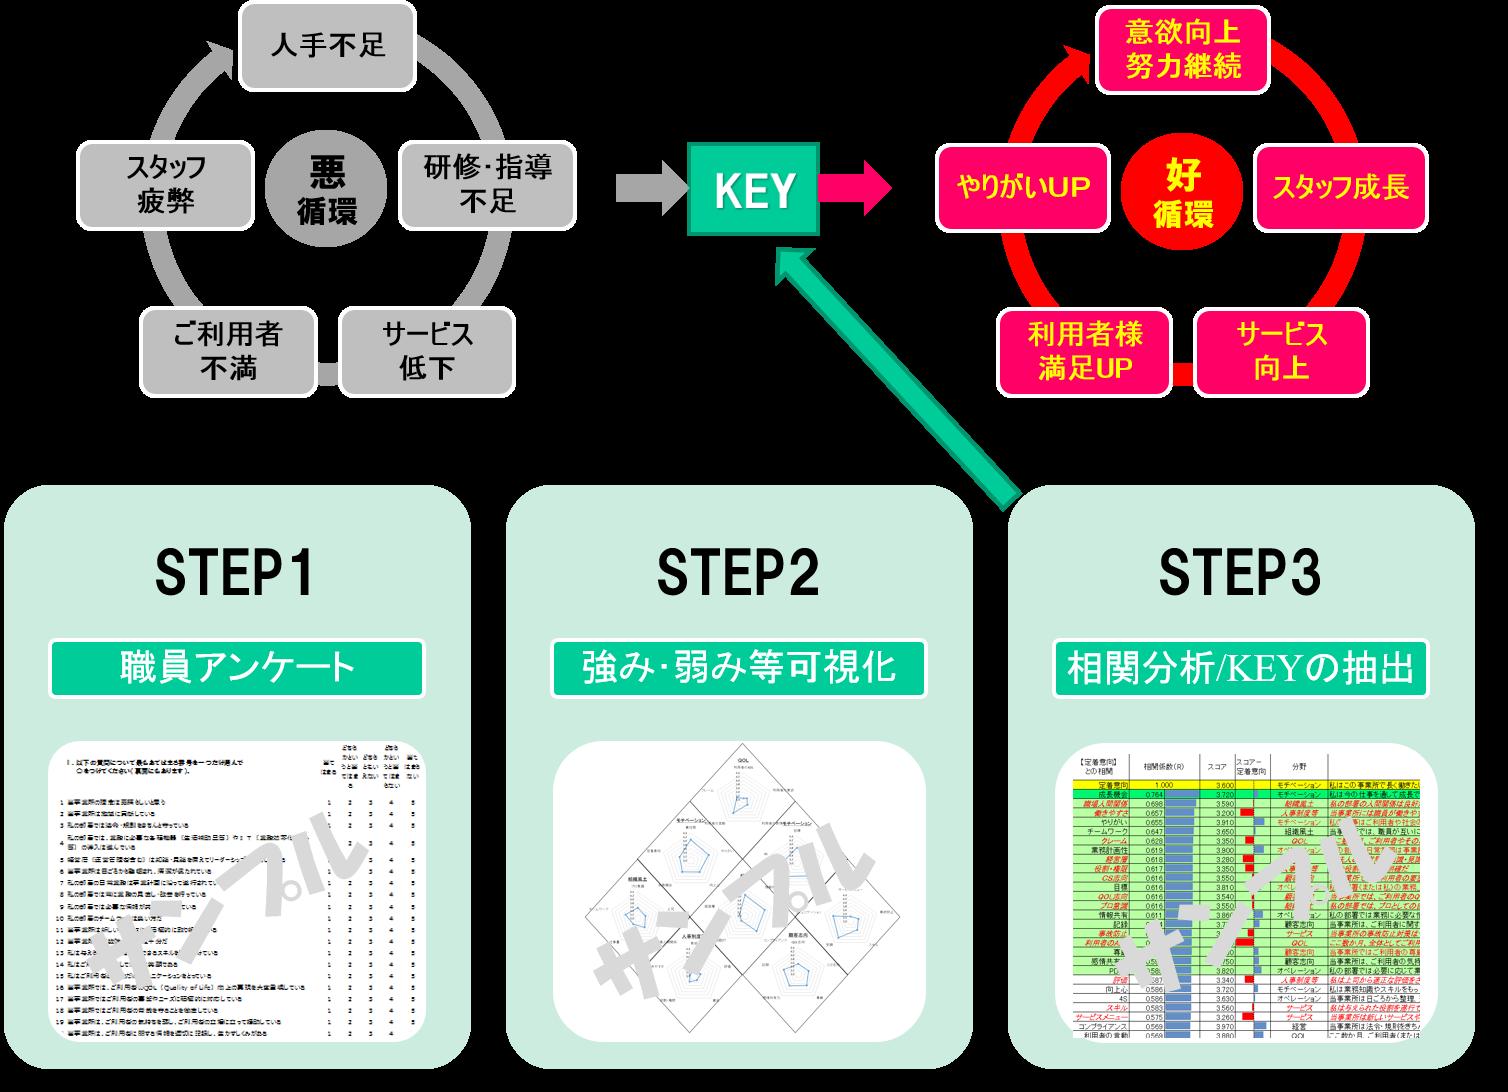 成功の鍵を見つける診断プロセス